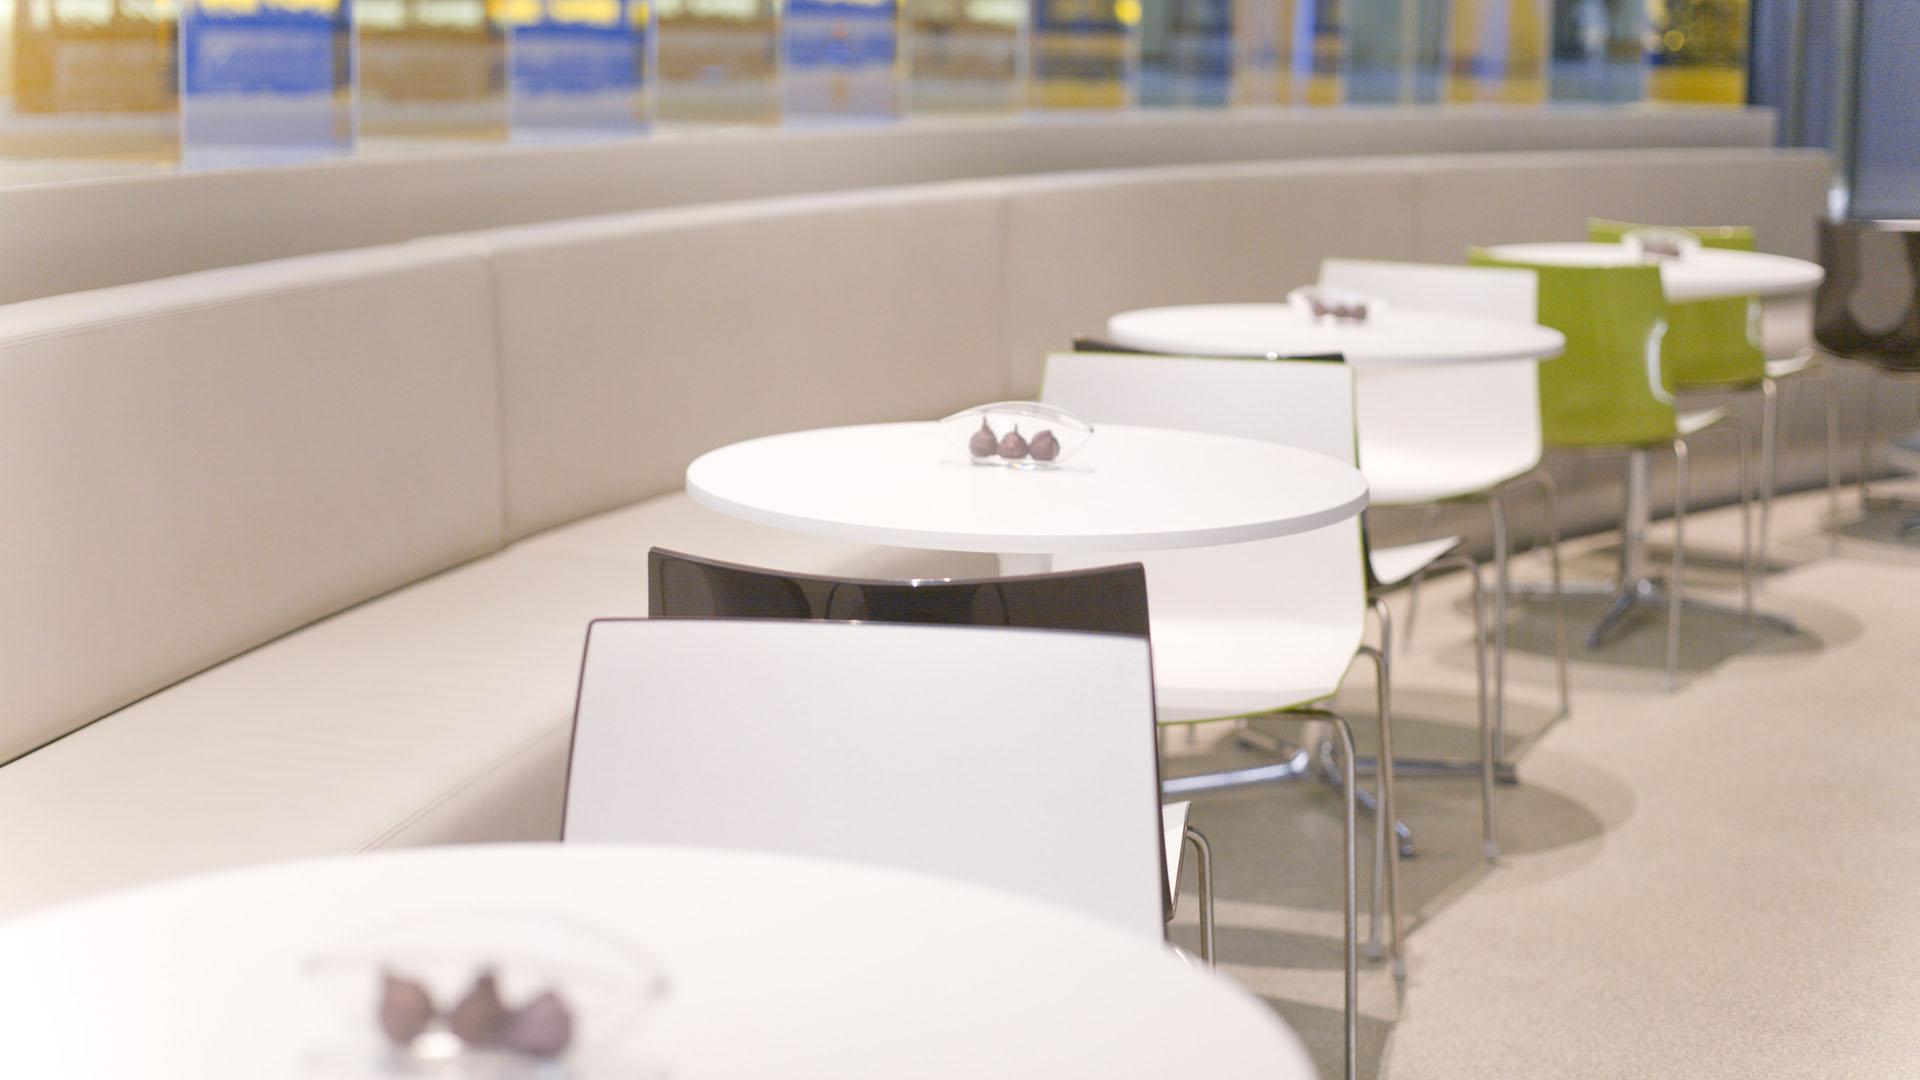 MAASS-Lichtplanung_Lichtplanung im Foyer der SEB Zentrale__MAASS-Skylight-Foyer-011